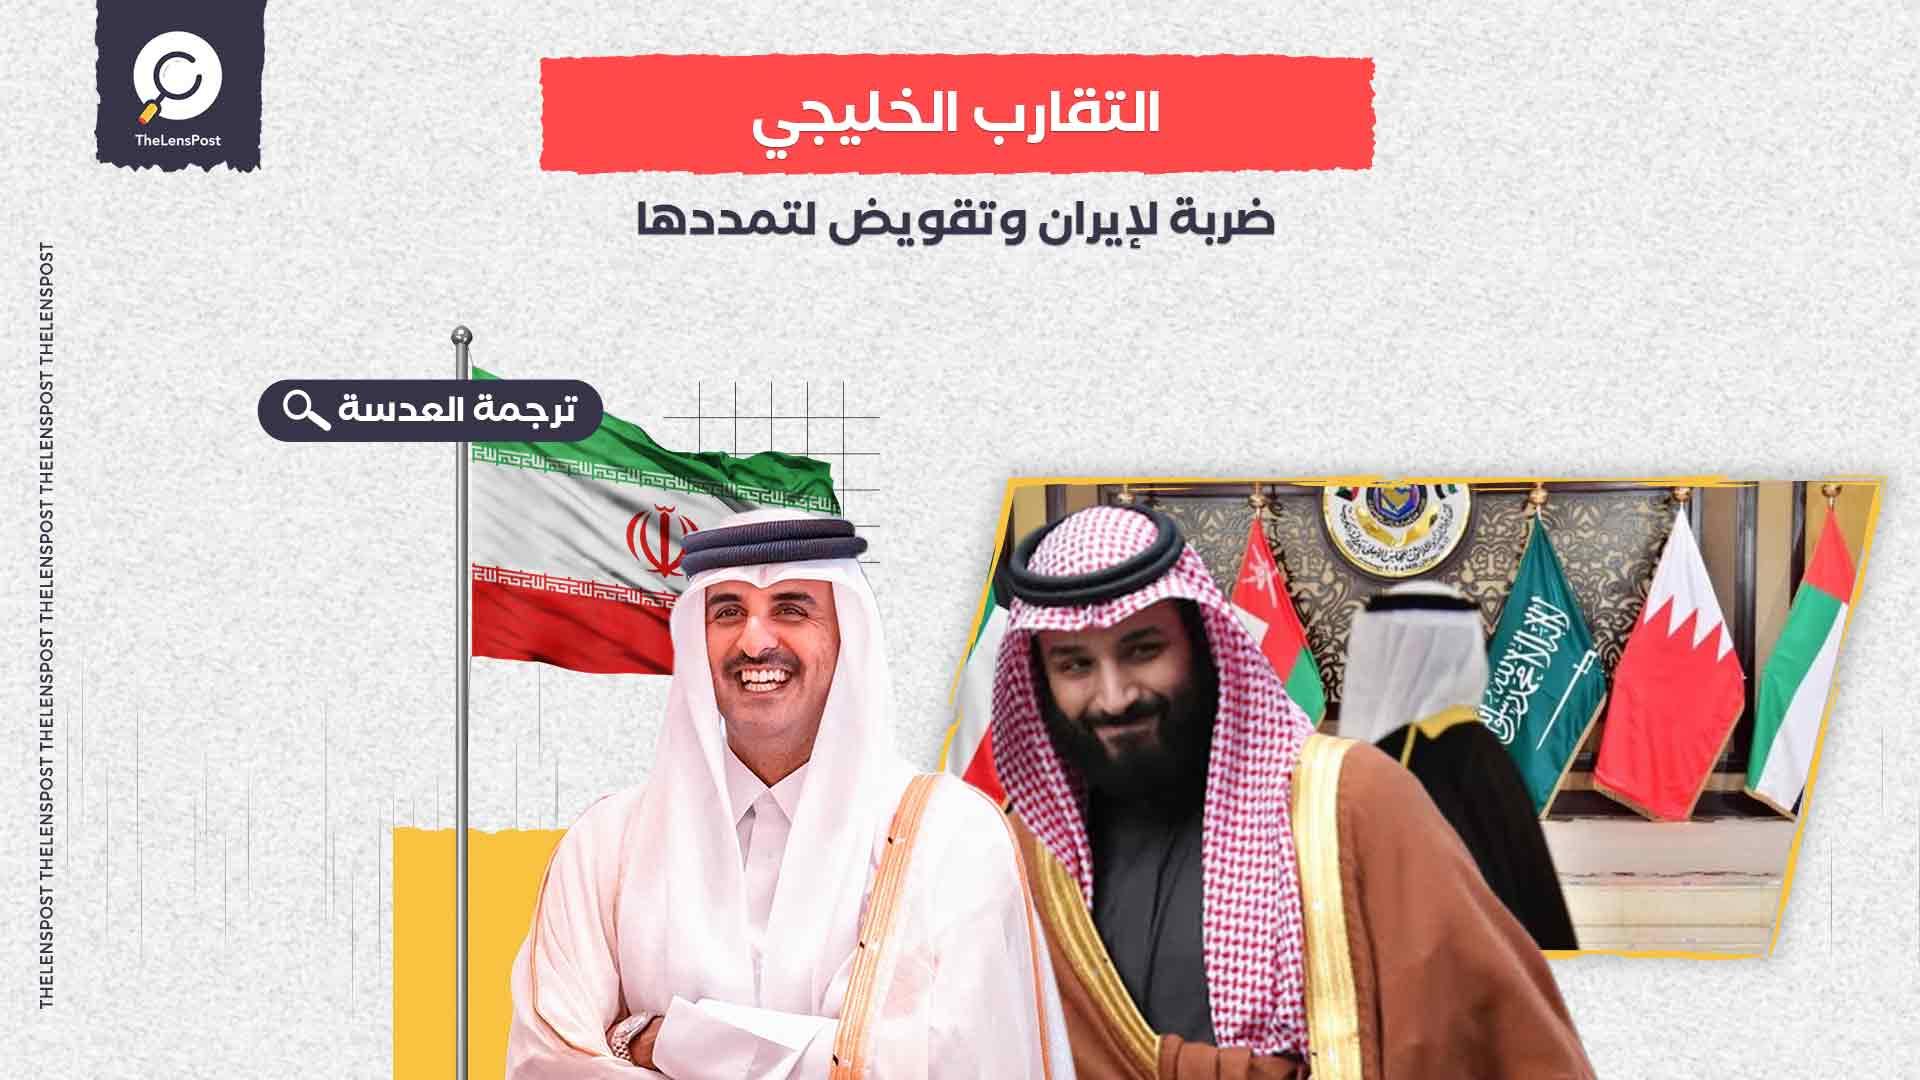 مجلة أمريكية: التقارب الخليجي ضربة لإيران وتقويض لتمددها